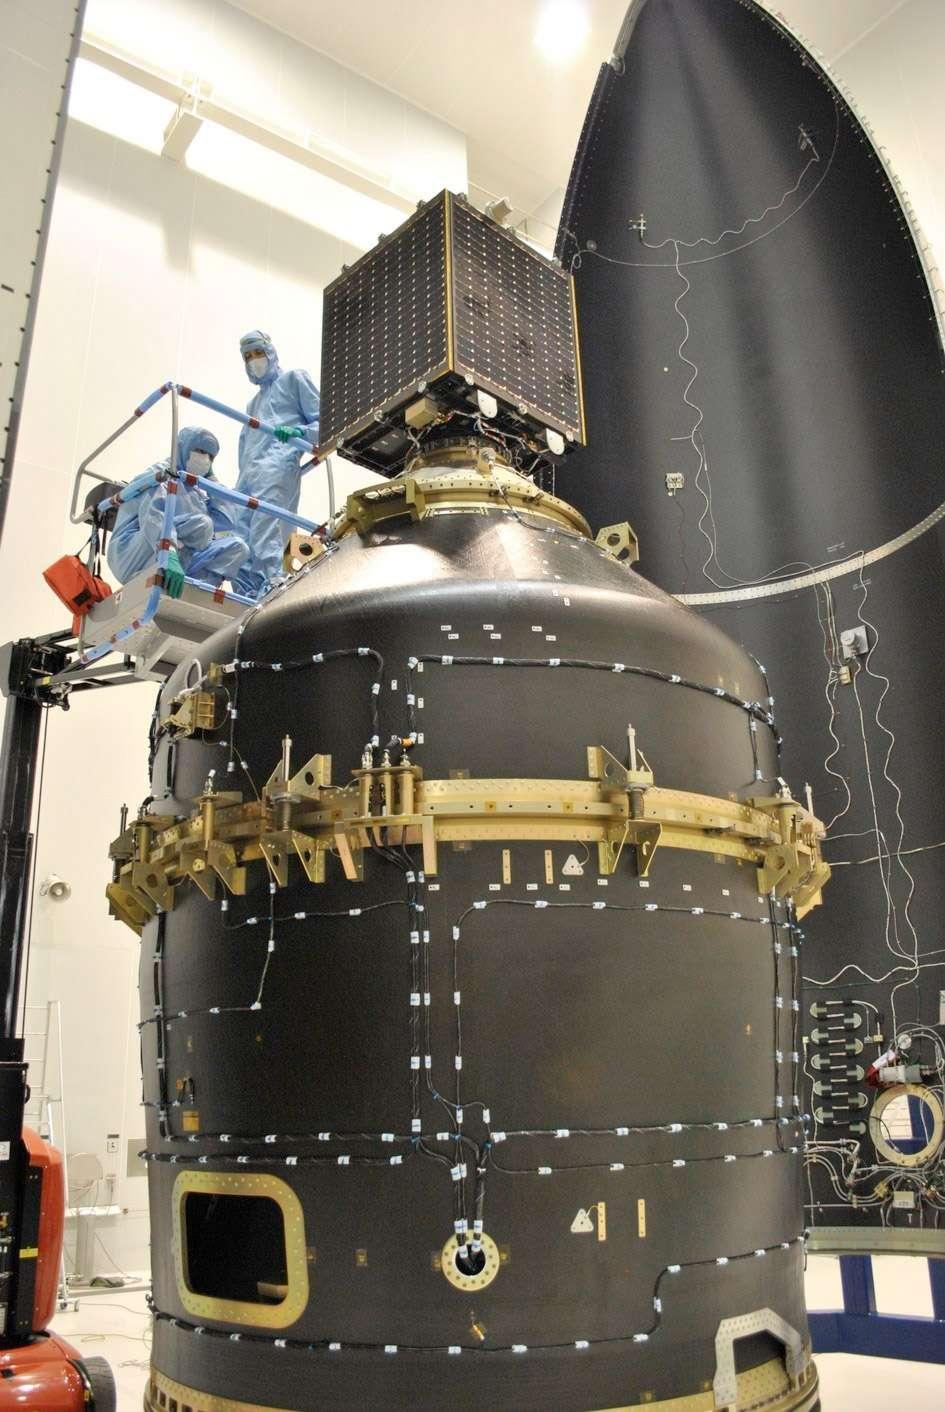 L'adaptateur Vespa, à l'intérieur duquel sont logés les satellites VNREDSat-1 et ESTCube-1, et Proba-V au-dessus. En arrière-plan, on distingue l'une des deux parties de la coiffe de Vega. © Karim Mellab, Esa